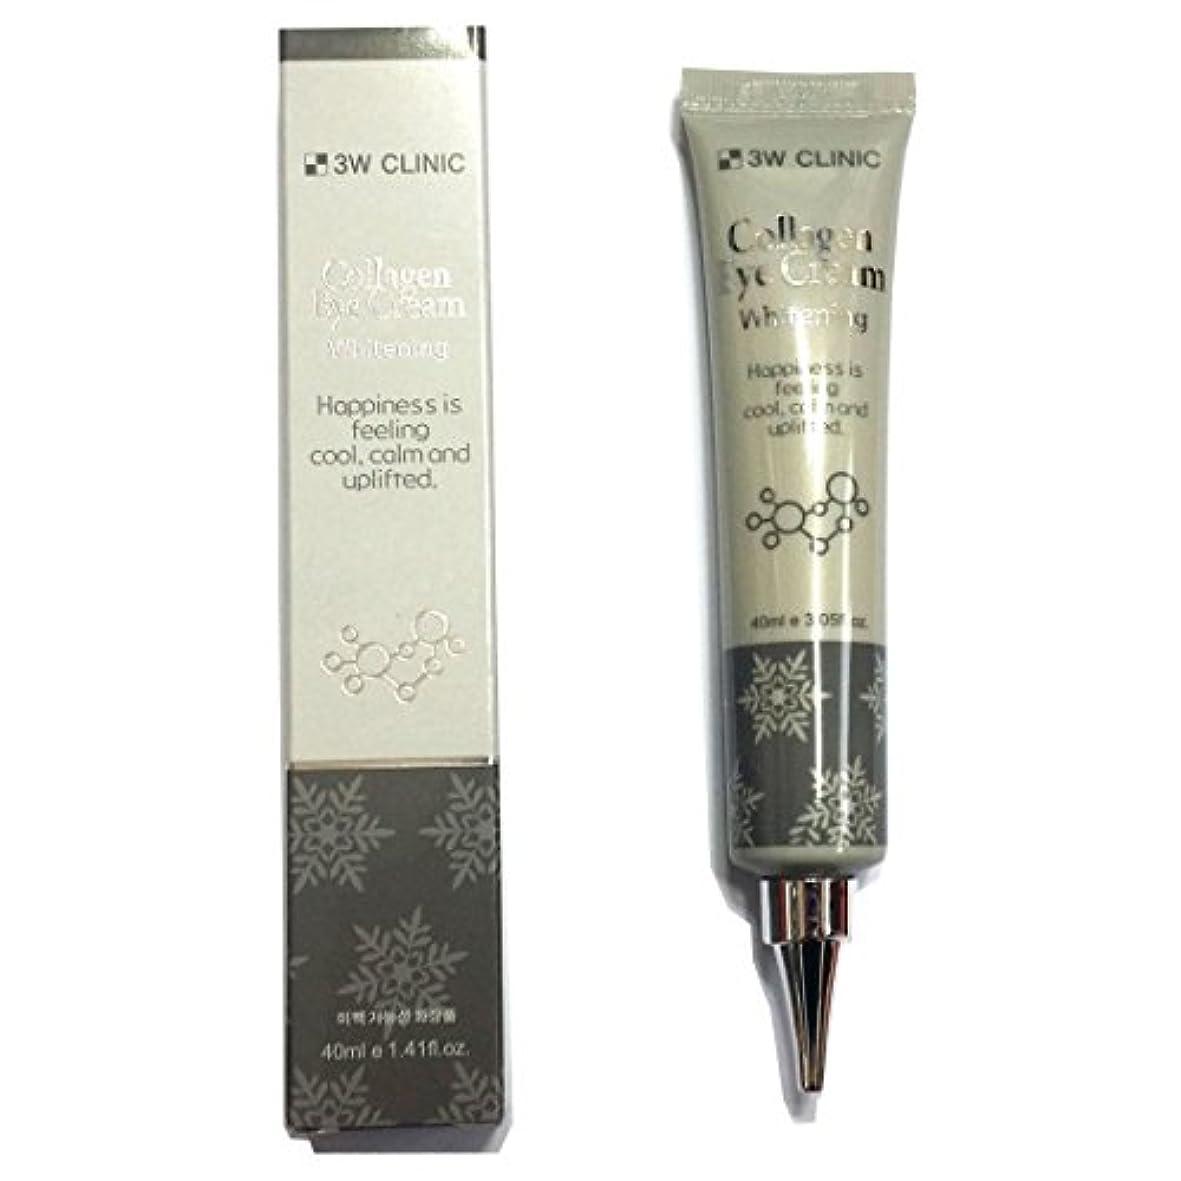 アルプス決定的試用[3W CLINIC] コラーゲンアイクリームホワイトニング40ml X 1ea / Collagen Eye Cream Whitening 40ml X 1ea / しっとりしっとり / Anti wrinkles,...